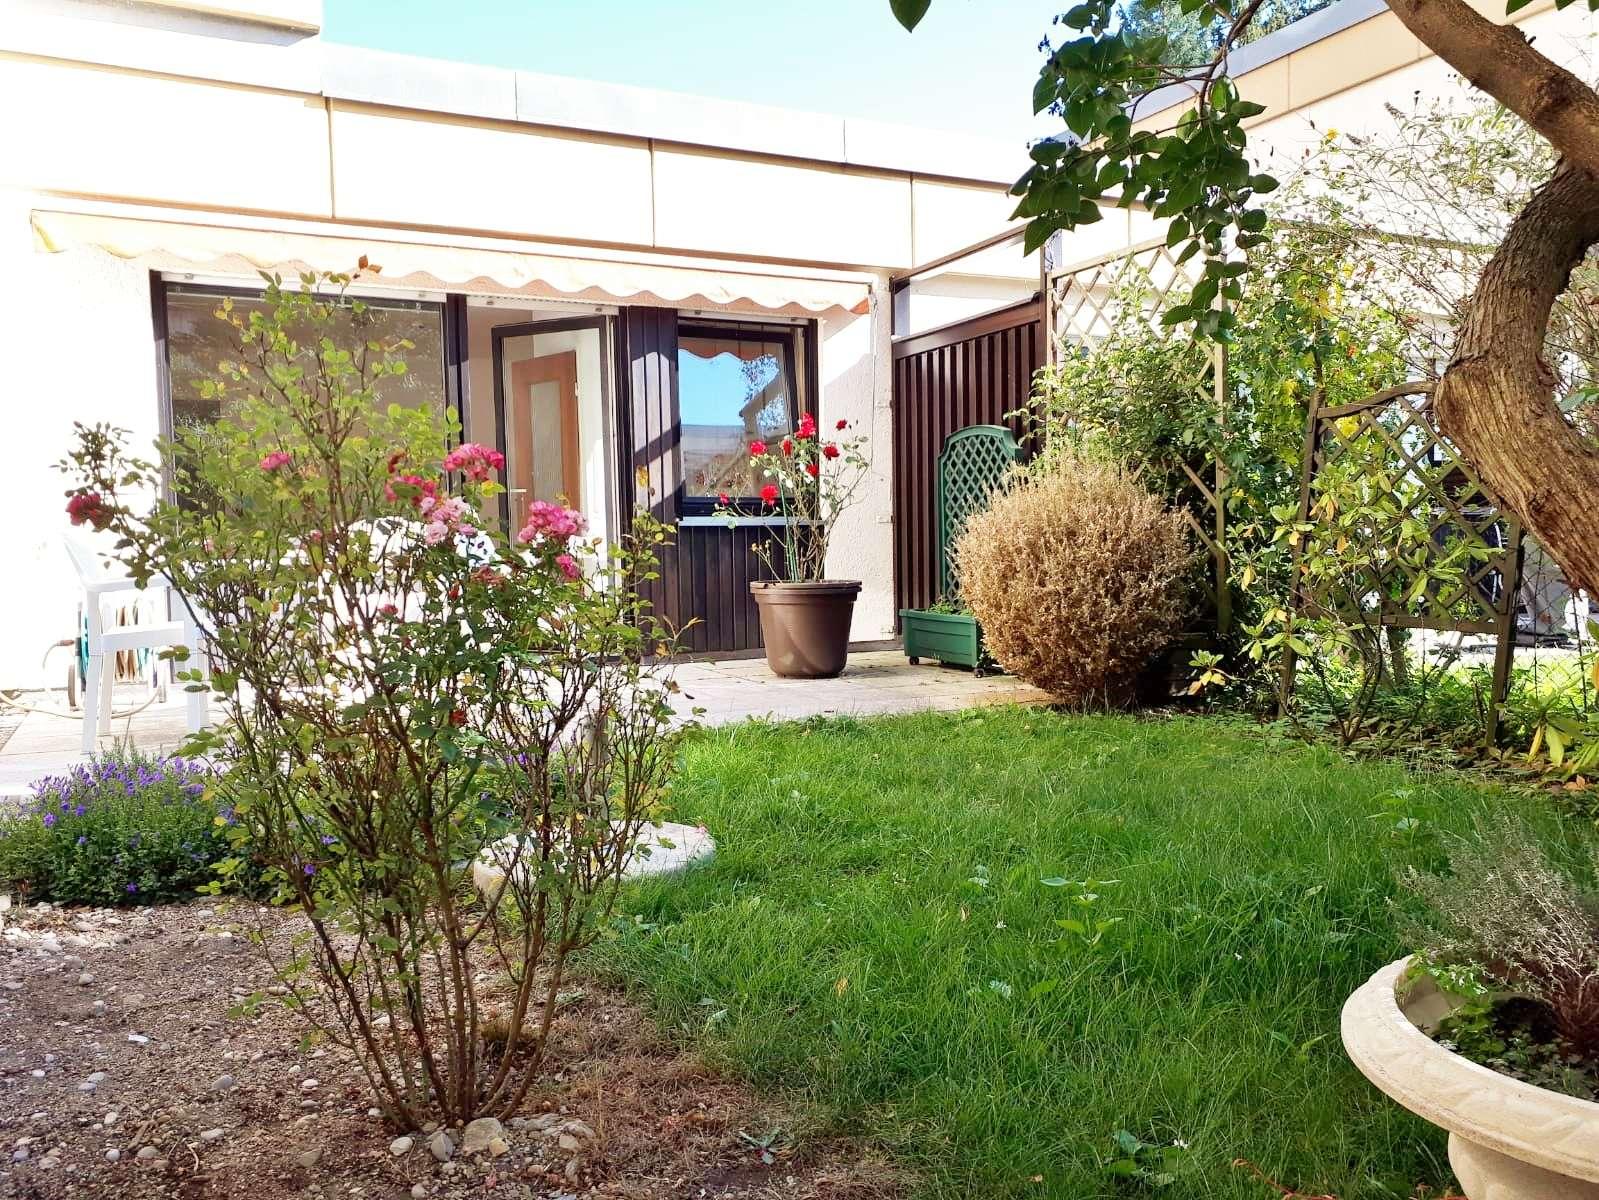 Wohnidylle mit Garten für 1 Person - nahe BMW / Schwabing - Nord in Milbertshofen (München)